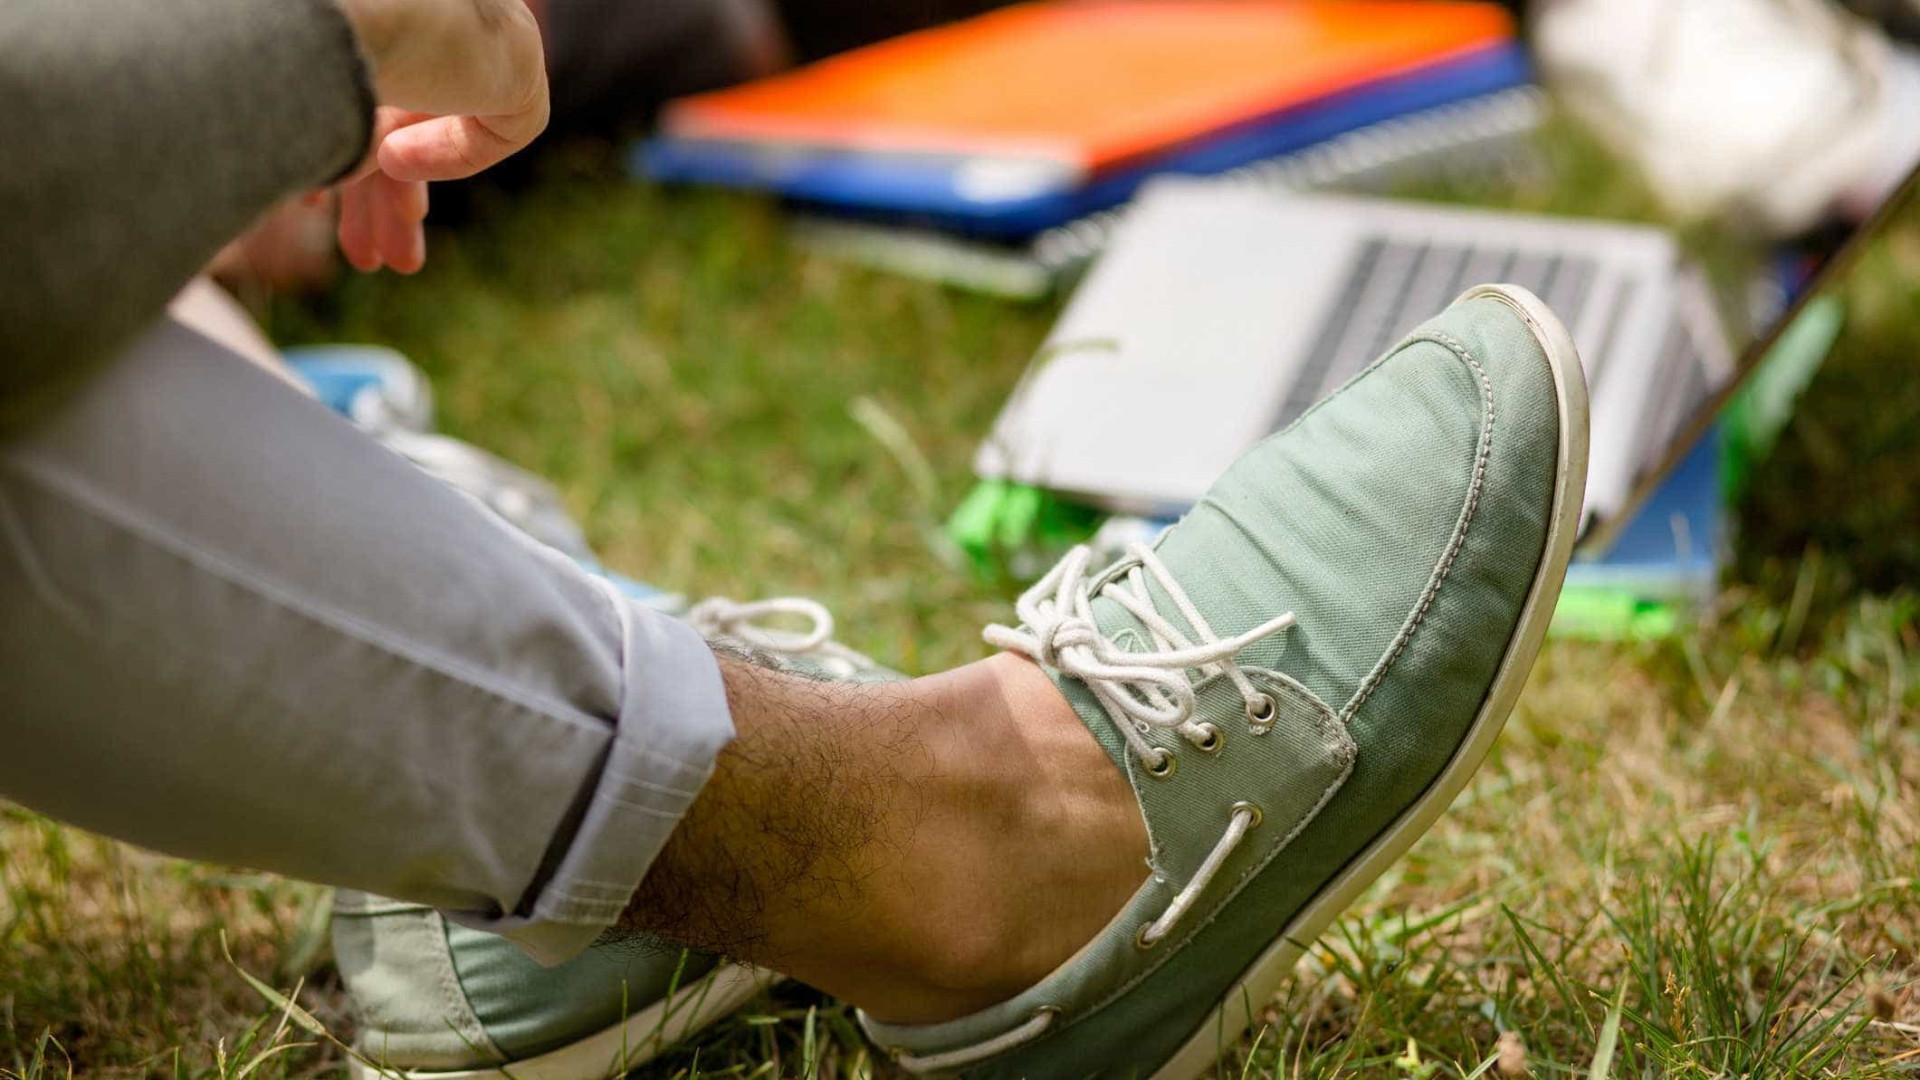 Usar sapatos sem meia pode causar problemas de saúde; saiba mais